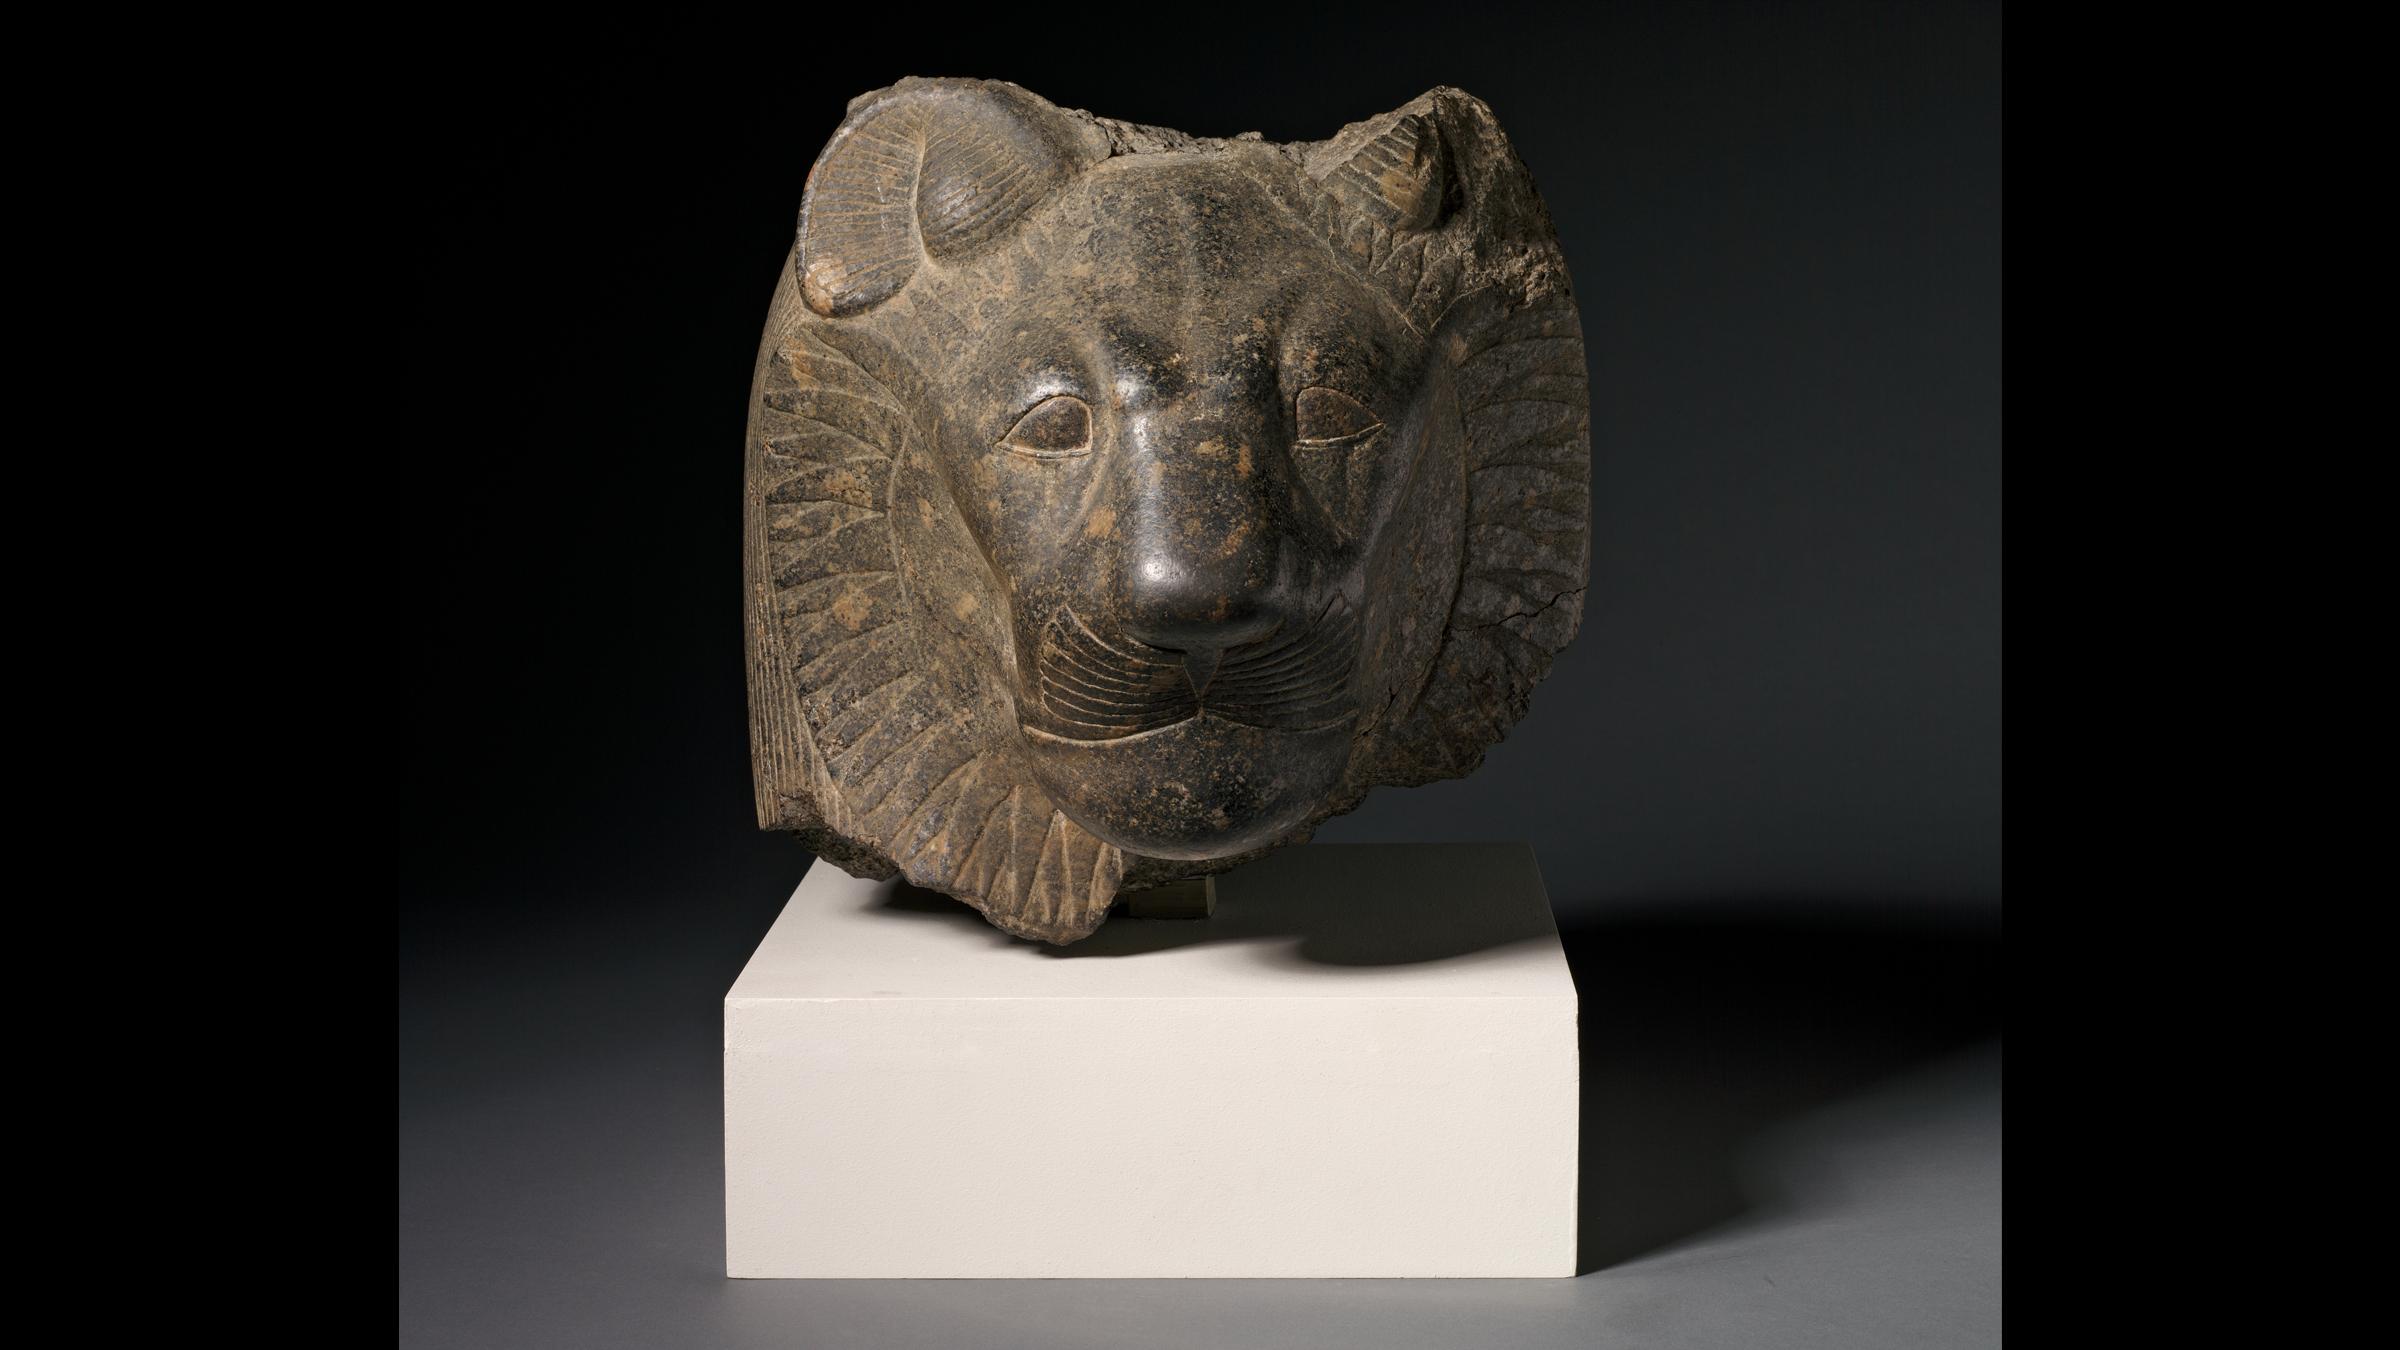 La tête de Sekhmet, datant du Nouvel Empire égyptien, Dynastie 18, règne d'Amenhotep III, 1391-1353 av.